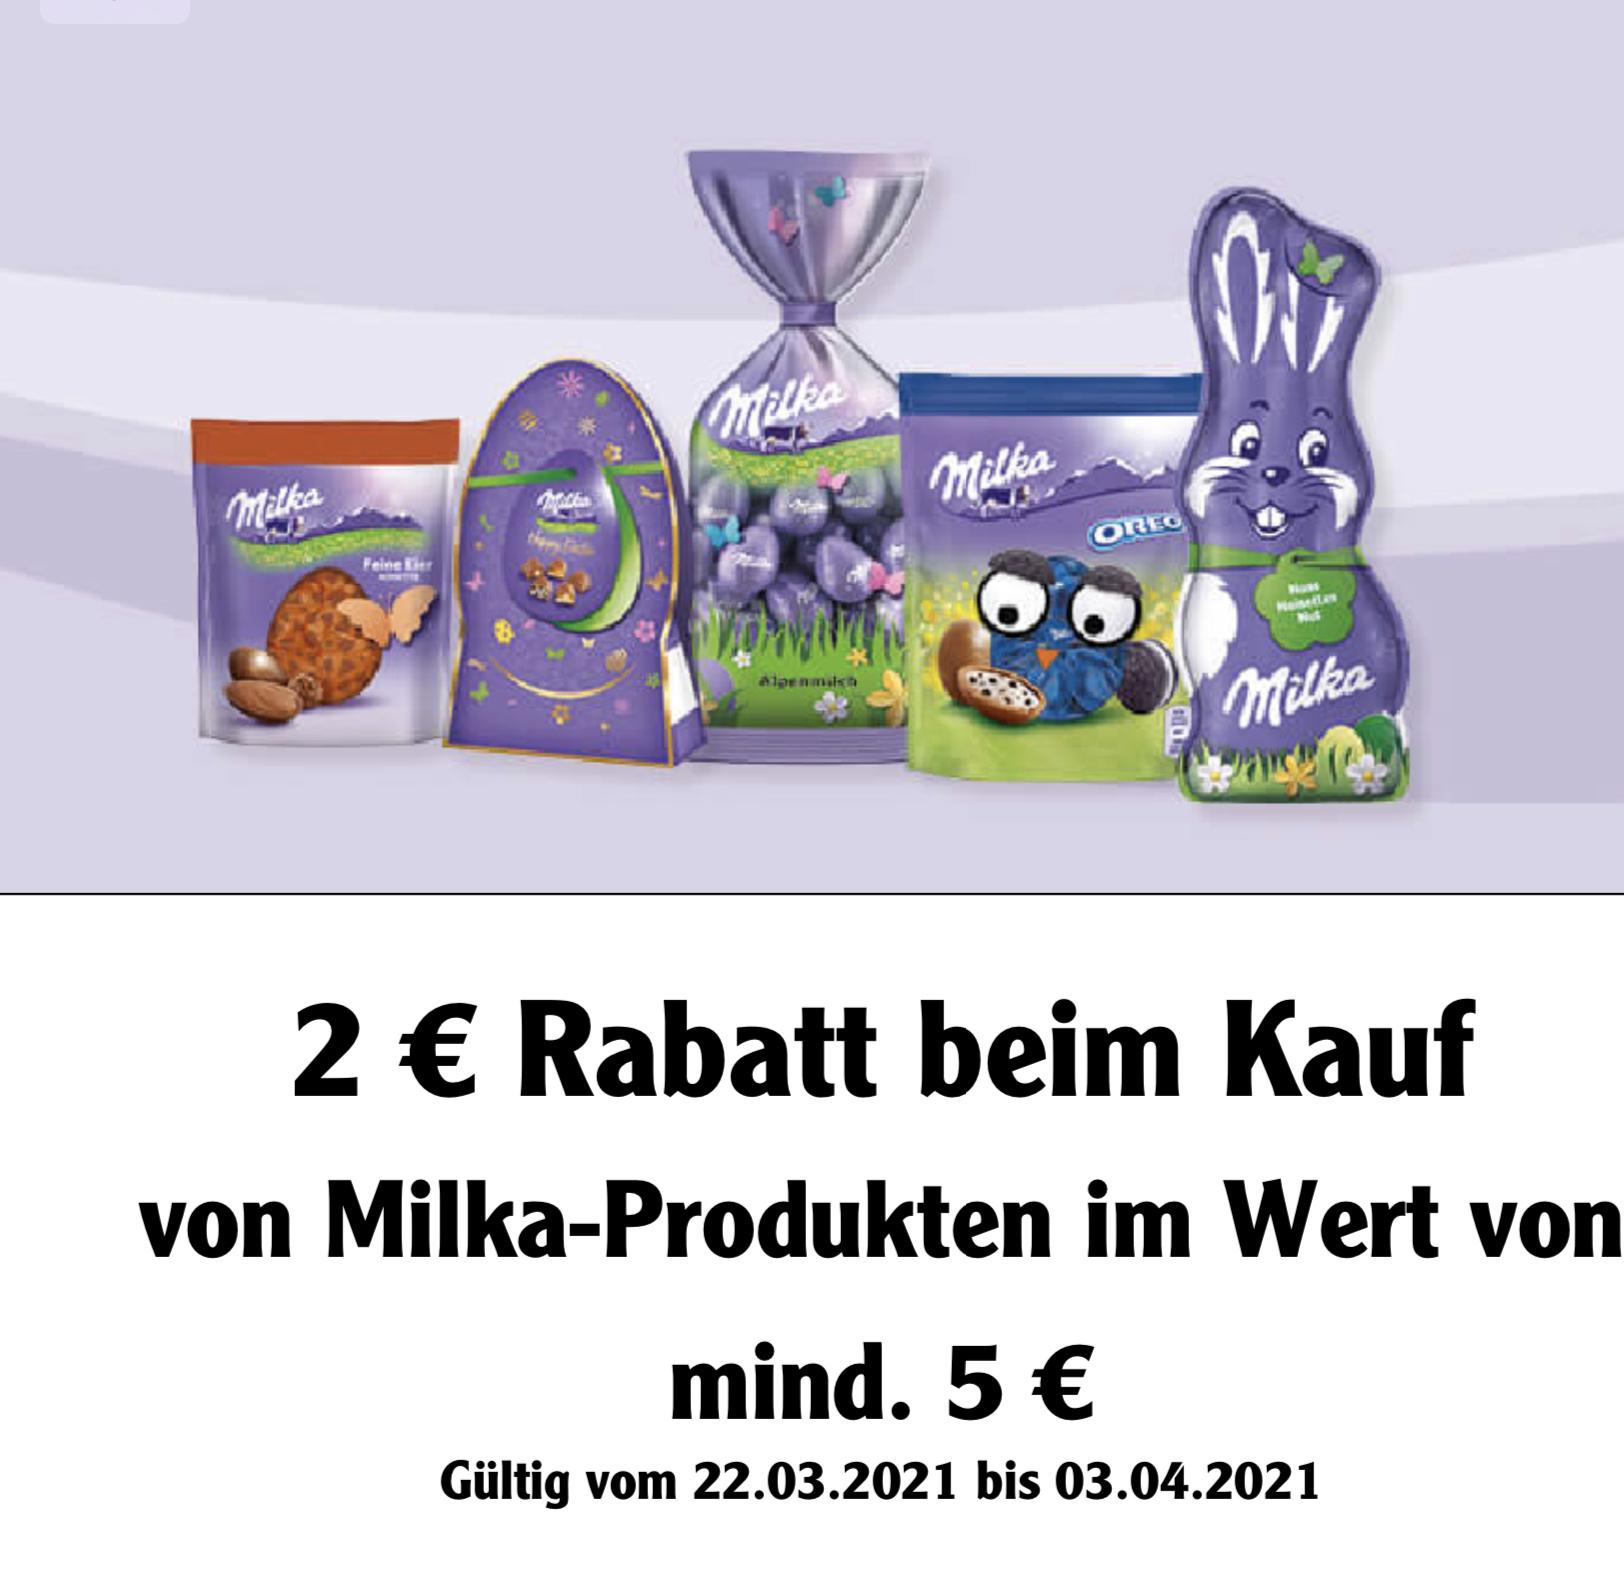 [Globus Kundenkarte] 2 Euro Rabatt auf Milka Artikel (5 Euro MBW)